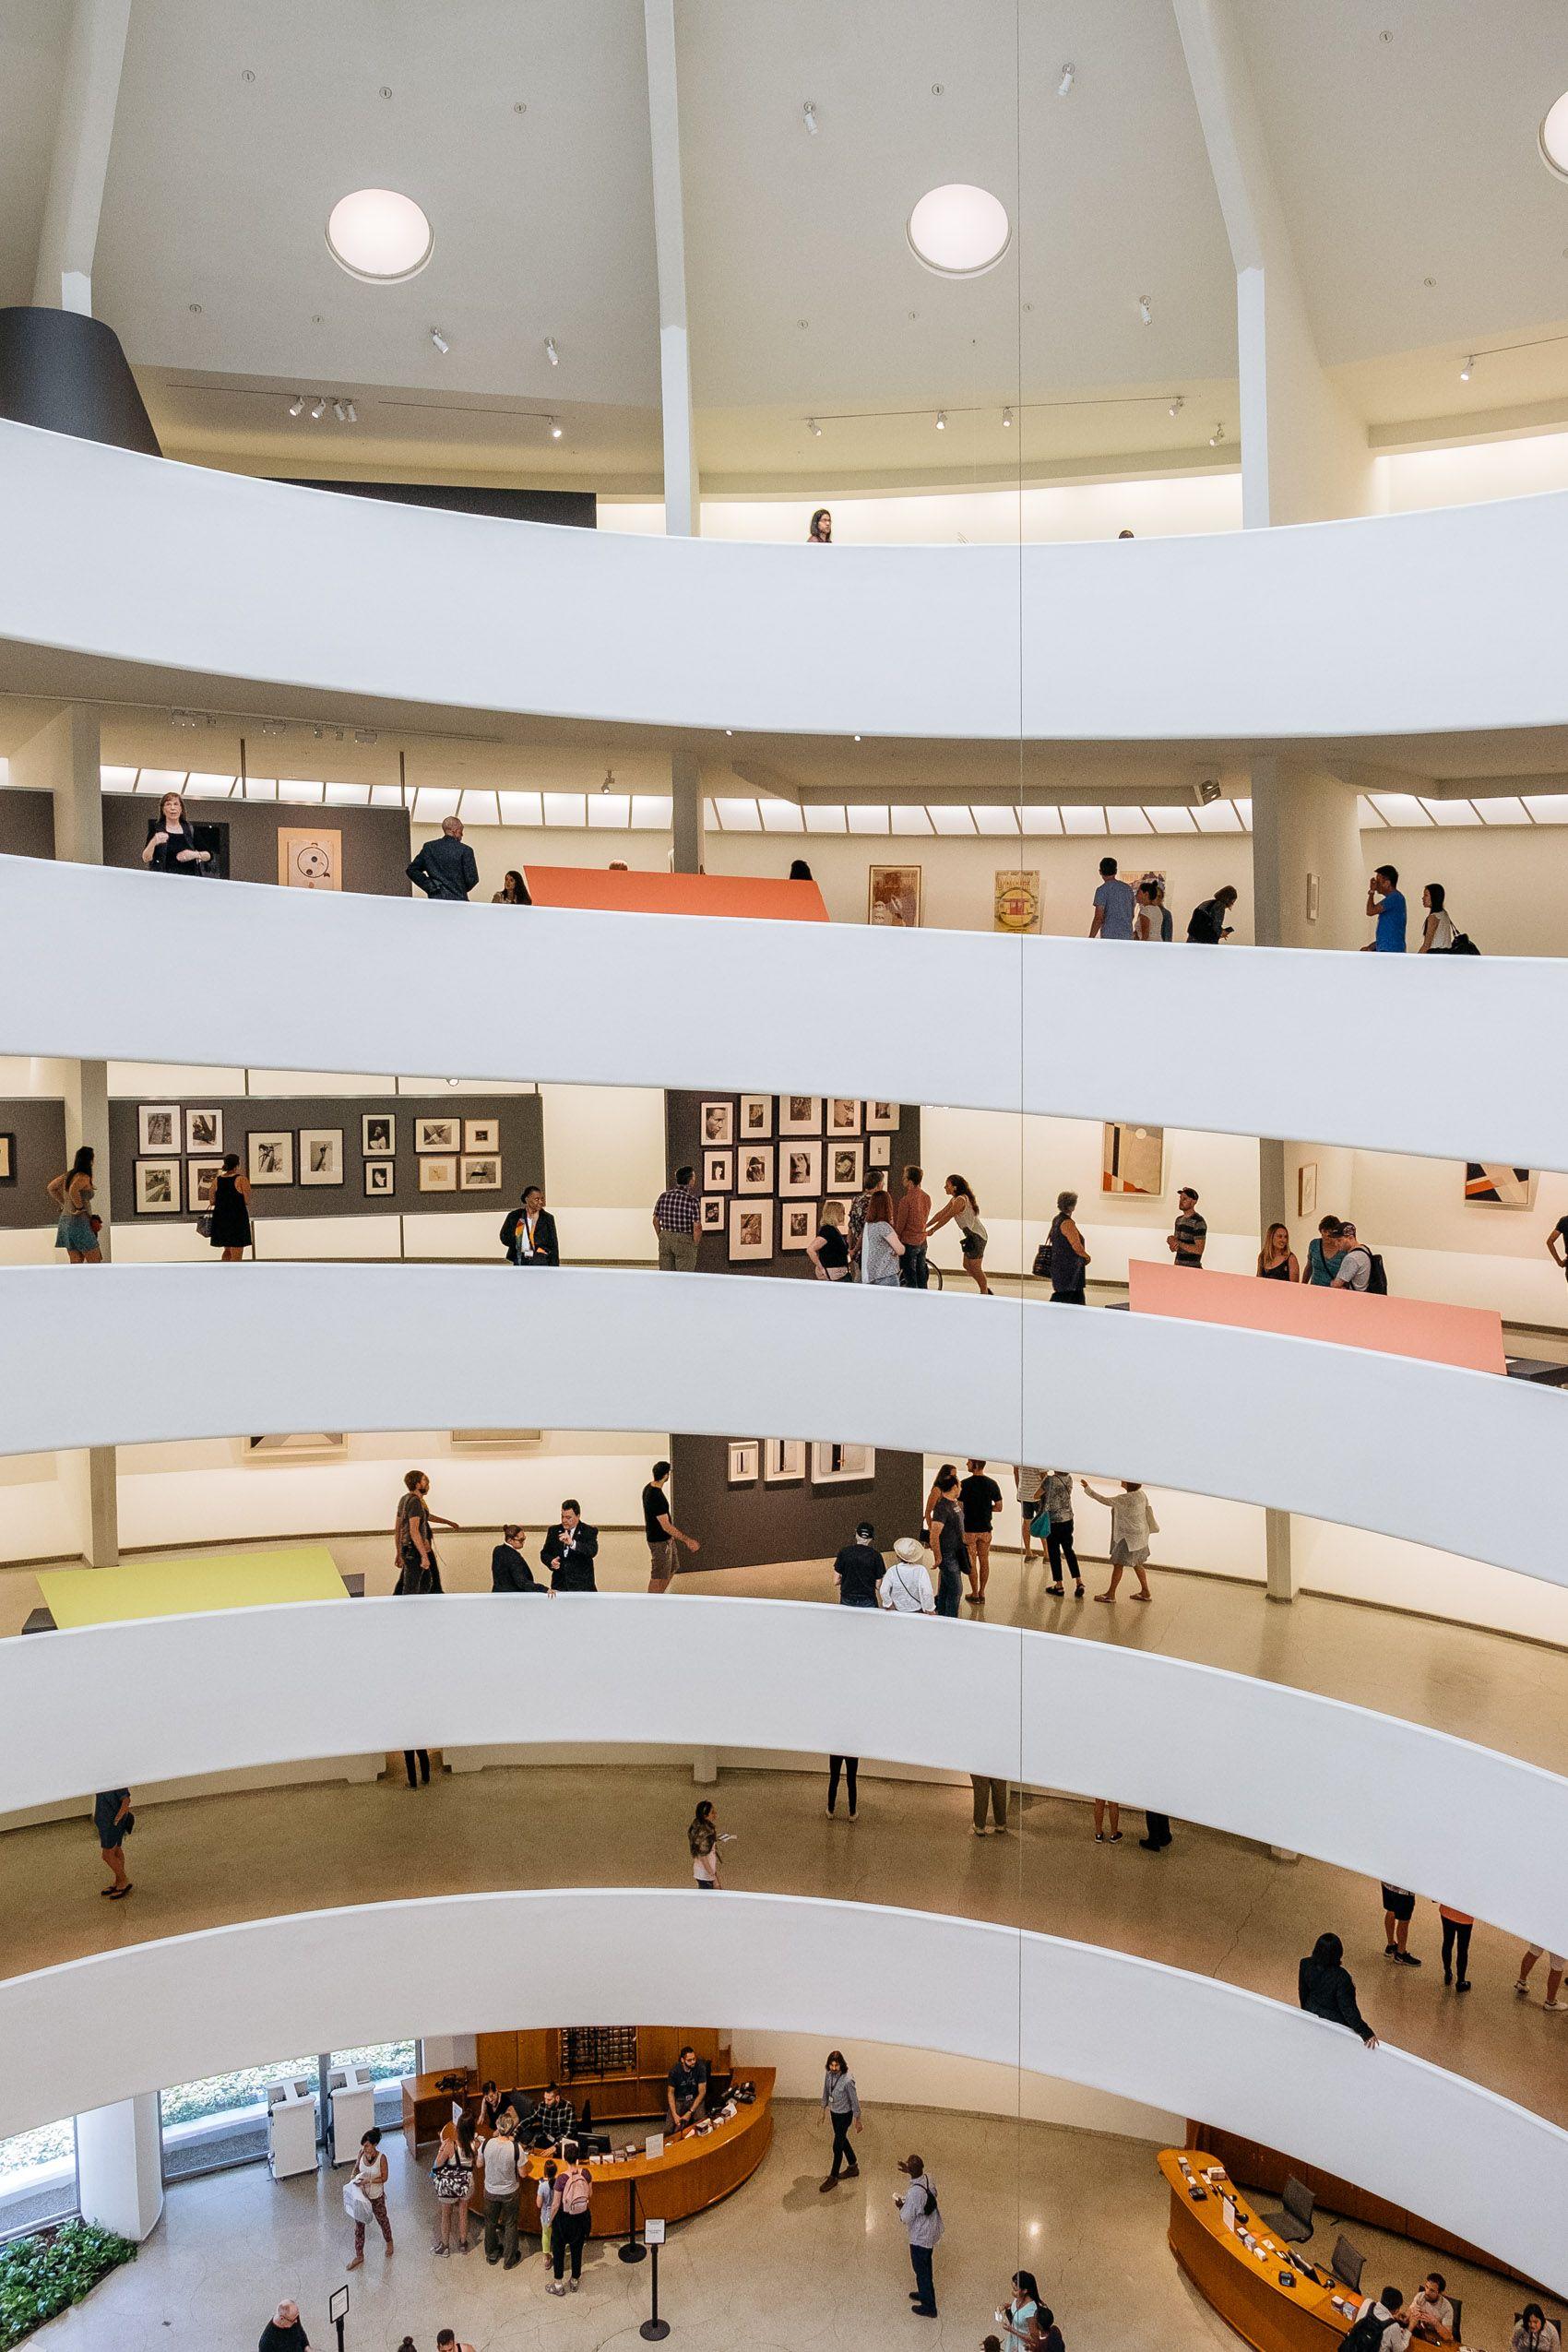 The Guggenheim Museum Interior In New York